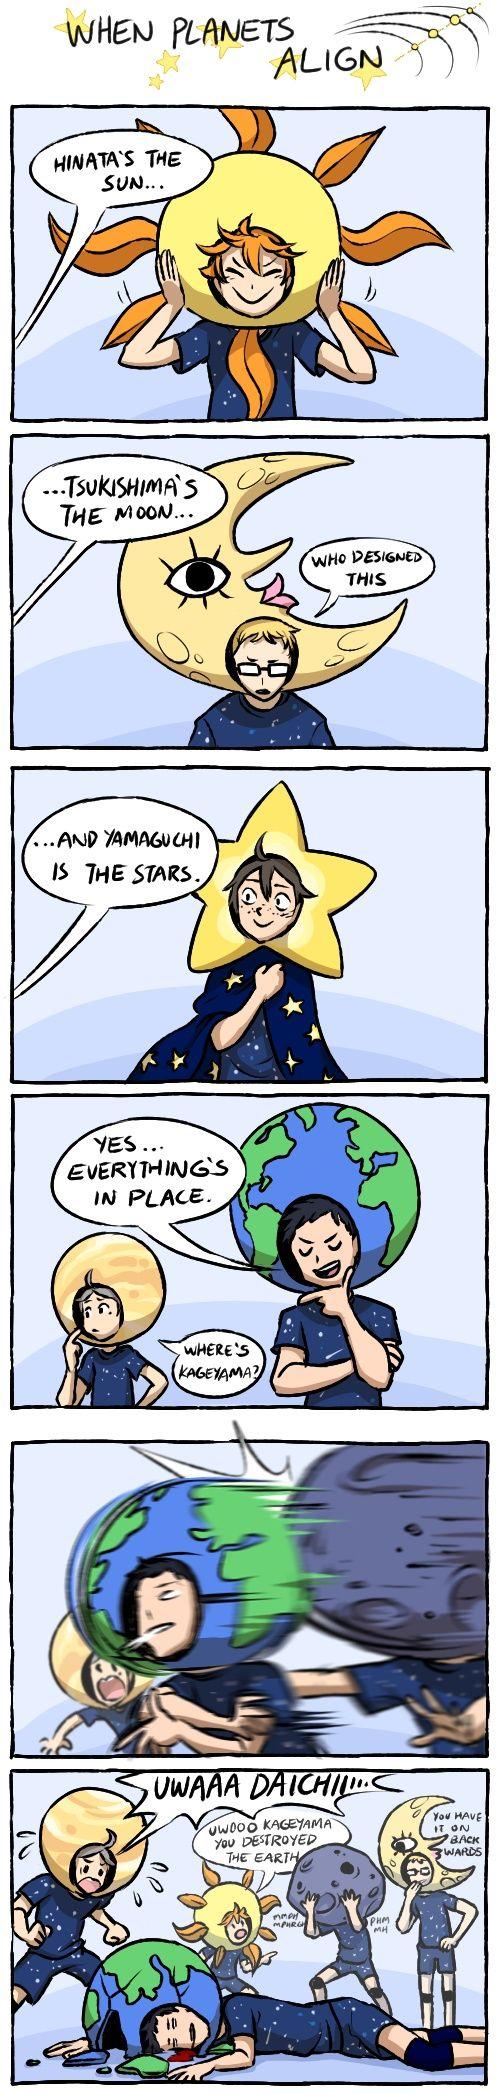 I laughed way too hard at this, omg. Hahahaha. XD